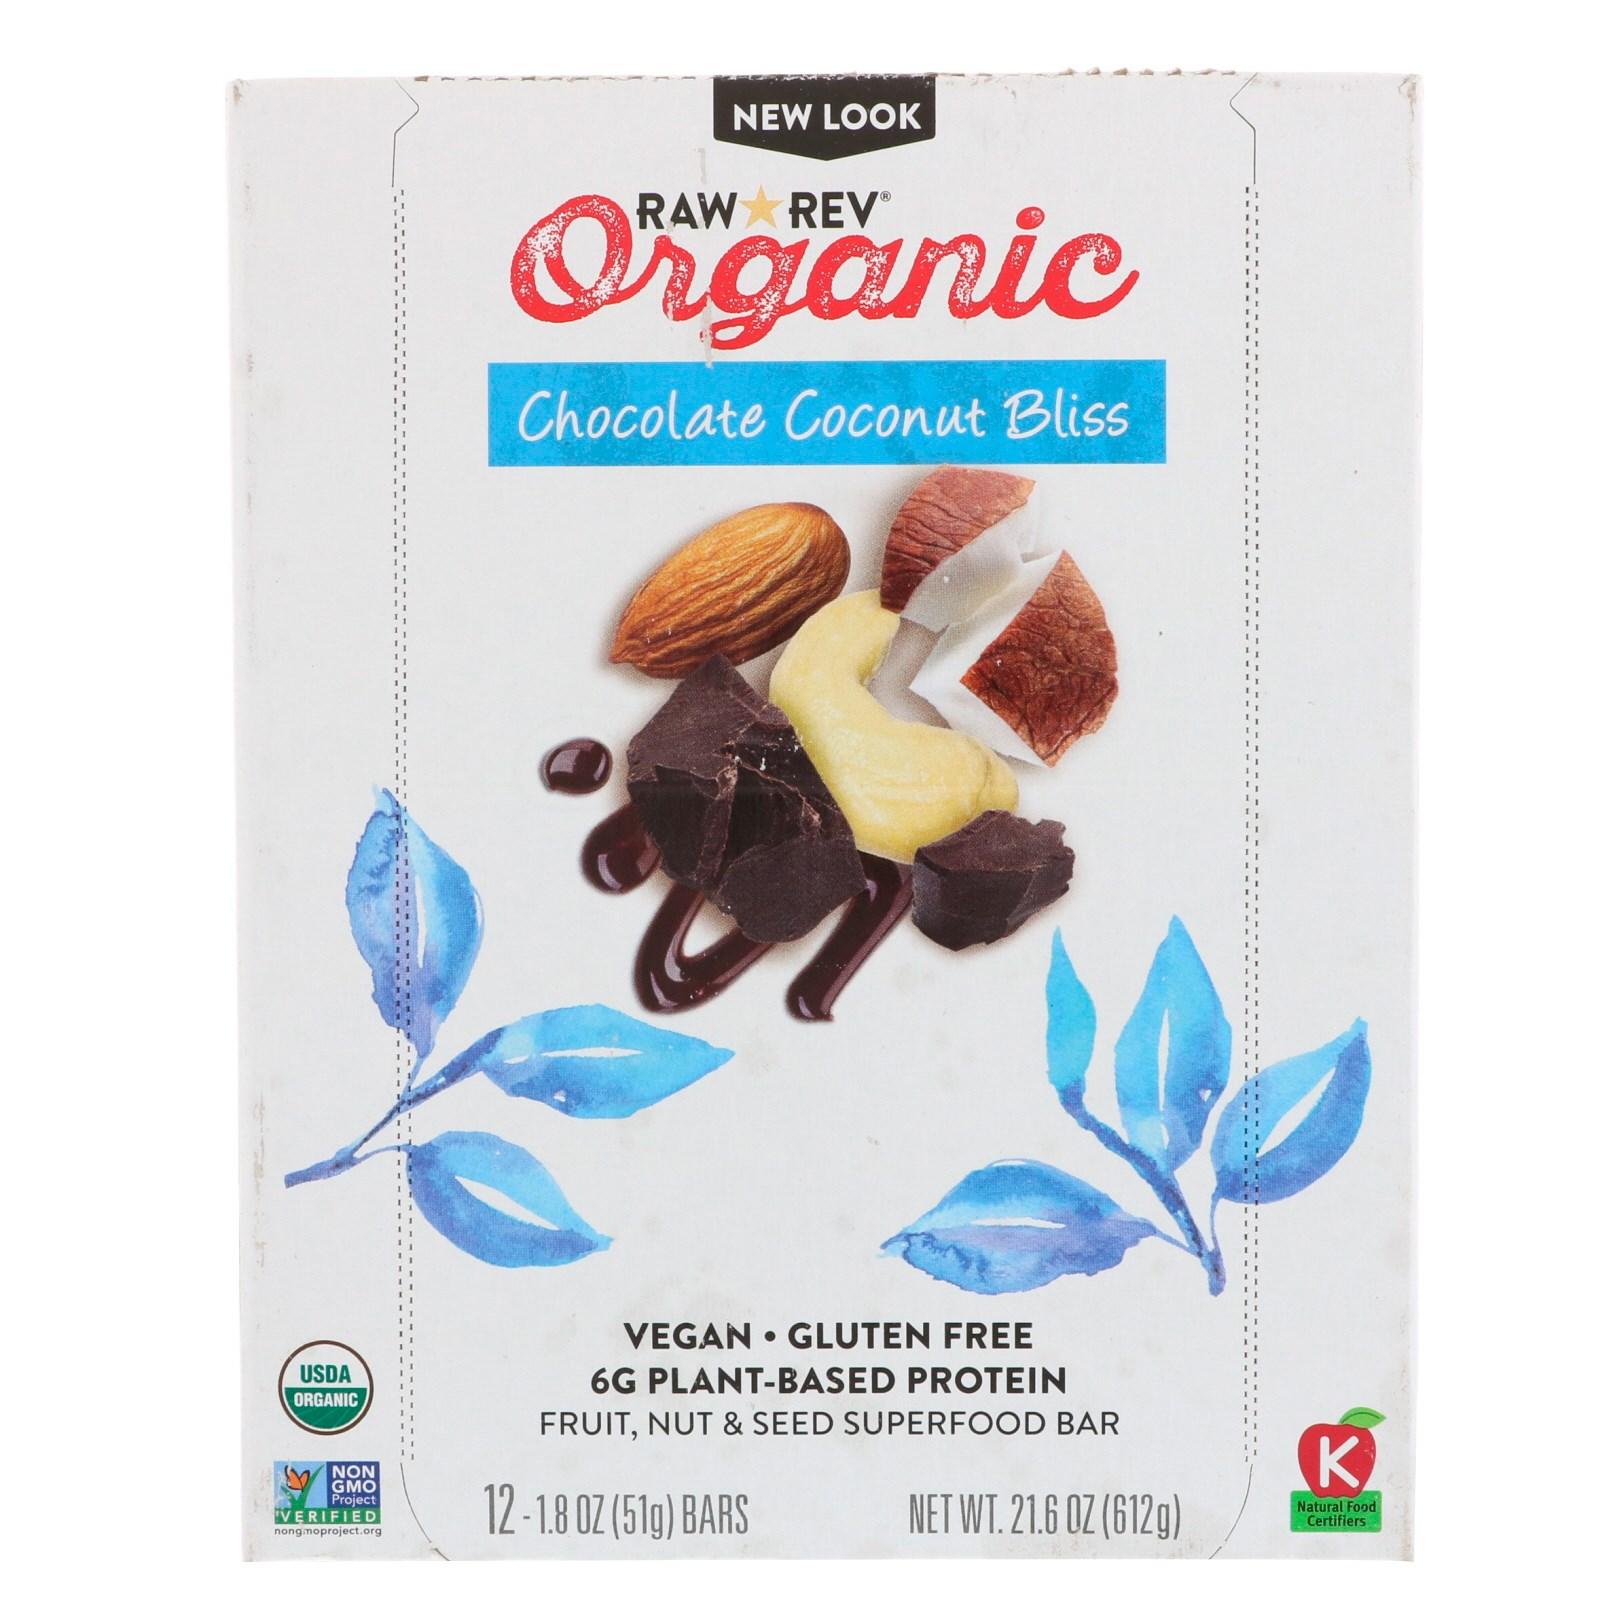 Raw Revolution, Органический продукт, Шоколадное кокосовое блаженство, 12 батончиков, 1,8 унц. (51 г) в каждом